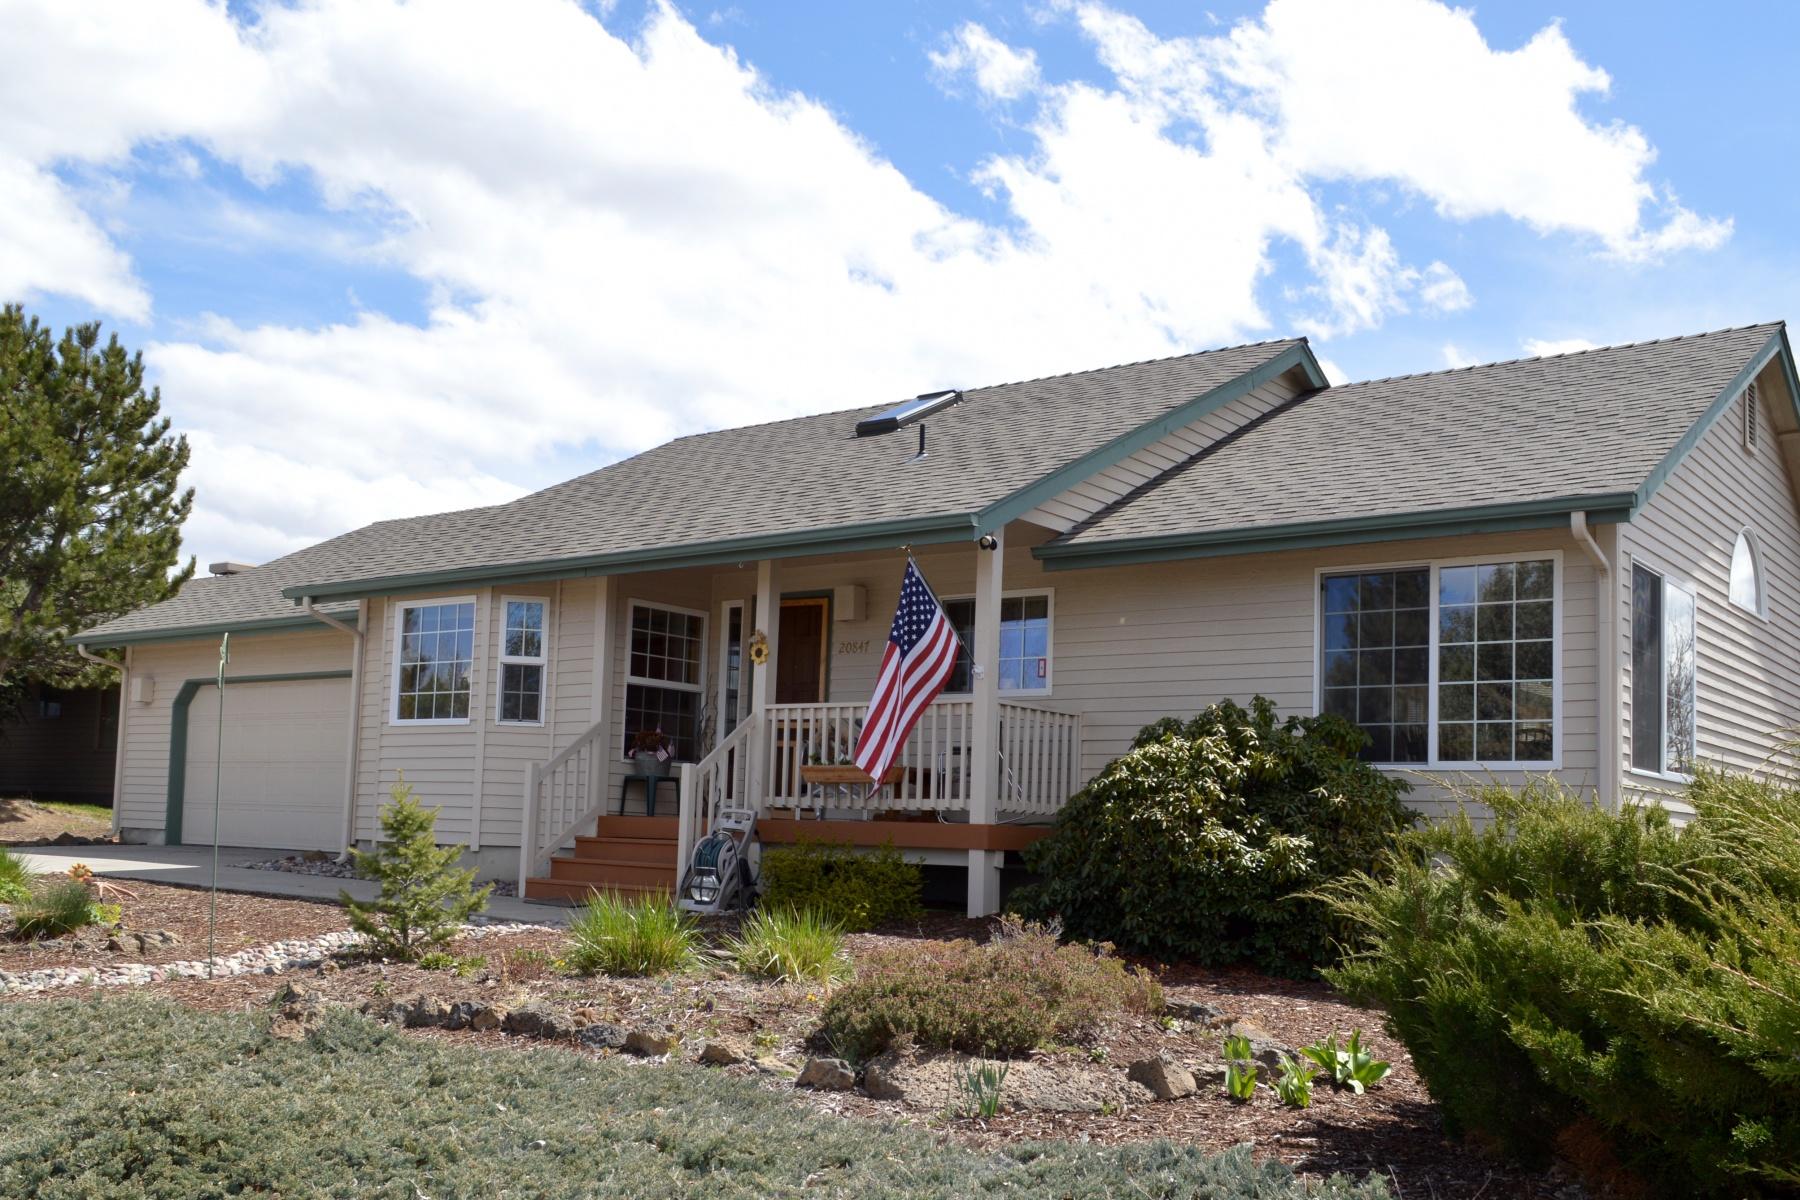 Moradia para Venda às 20847 Dione Way, BEND Bend, Oregon, 97703 Estados Unidos